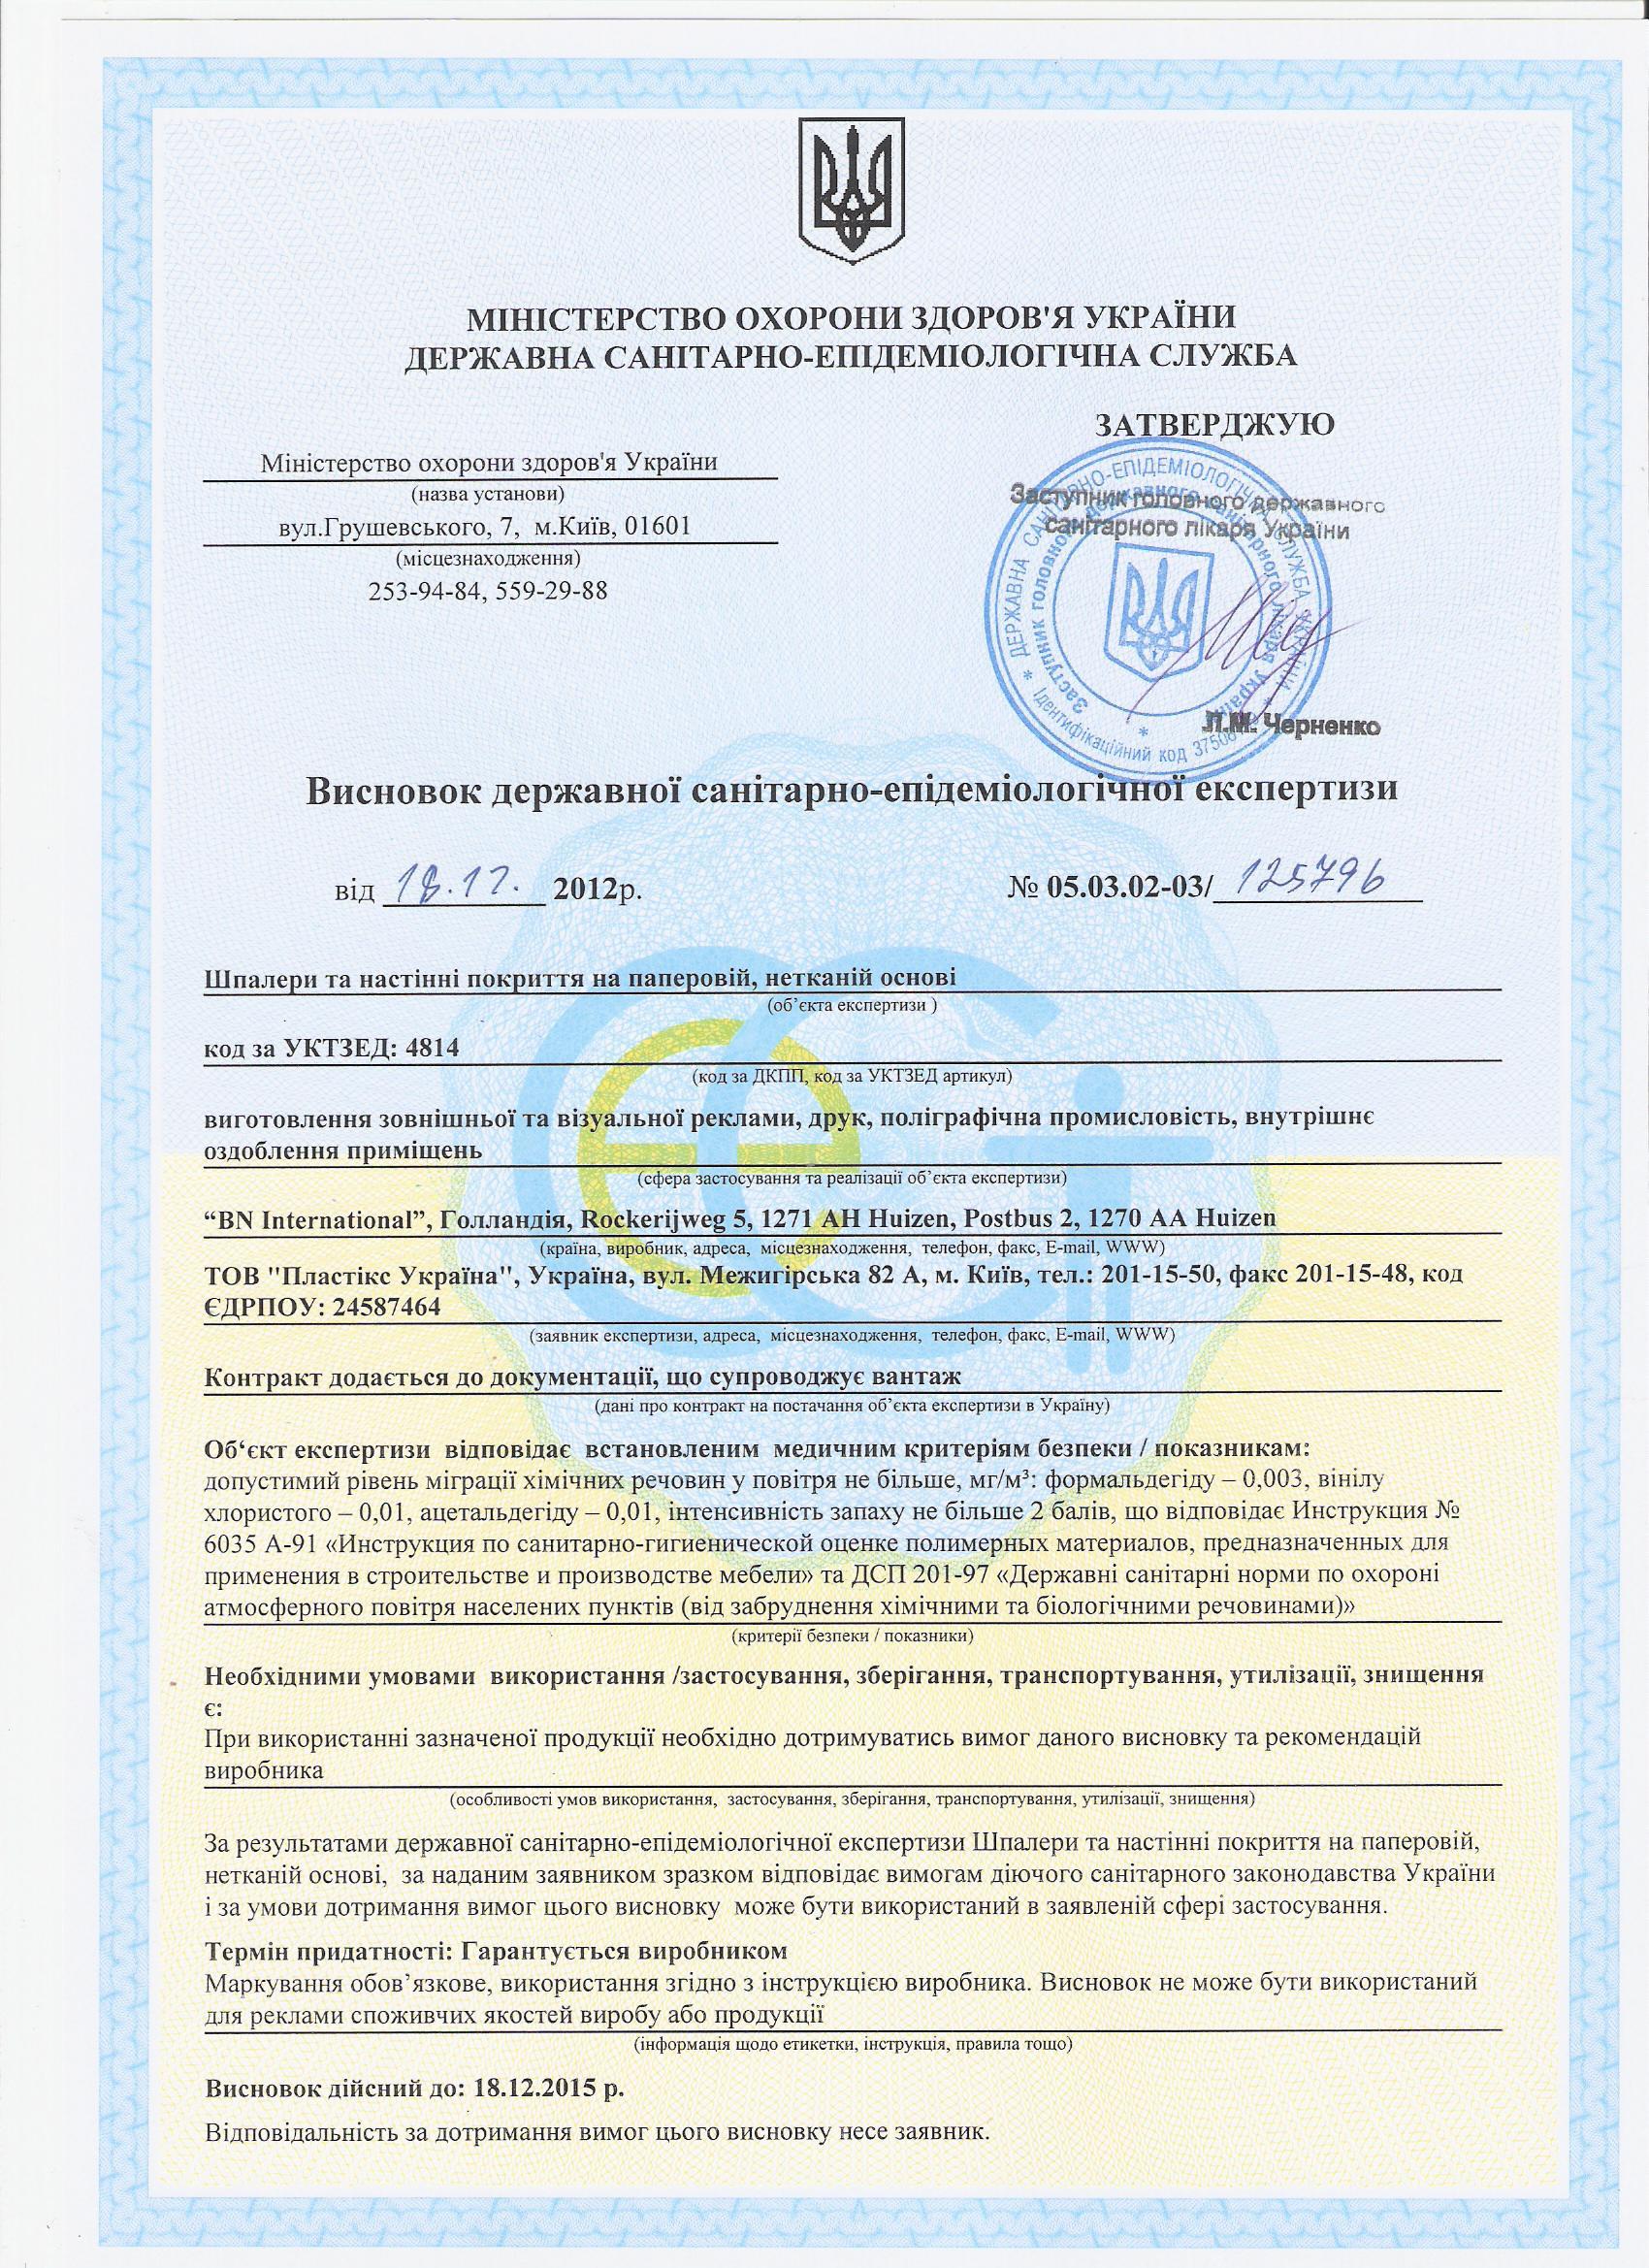 сертифікати на обої